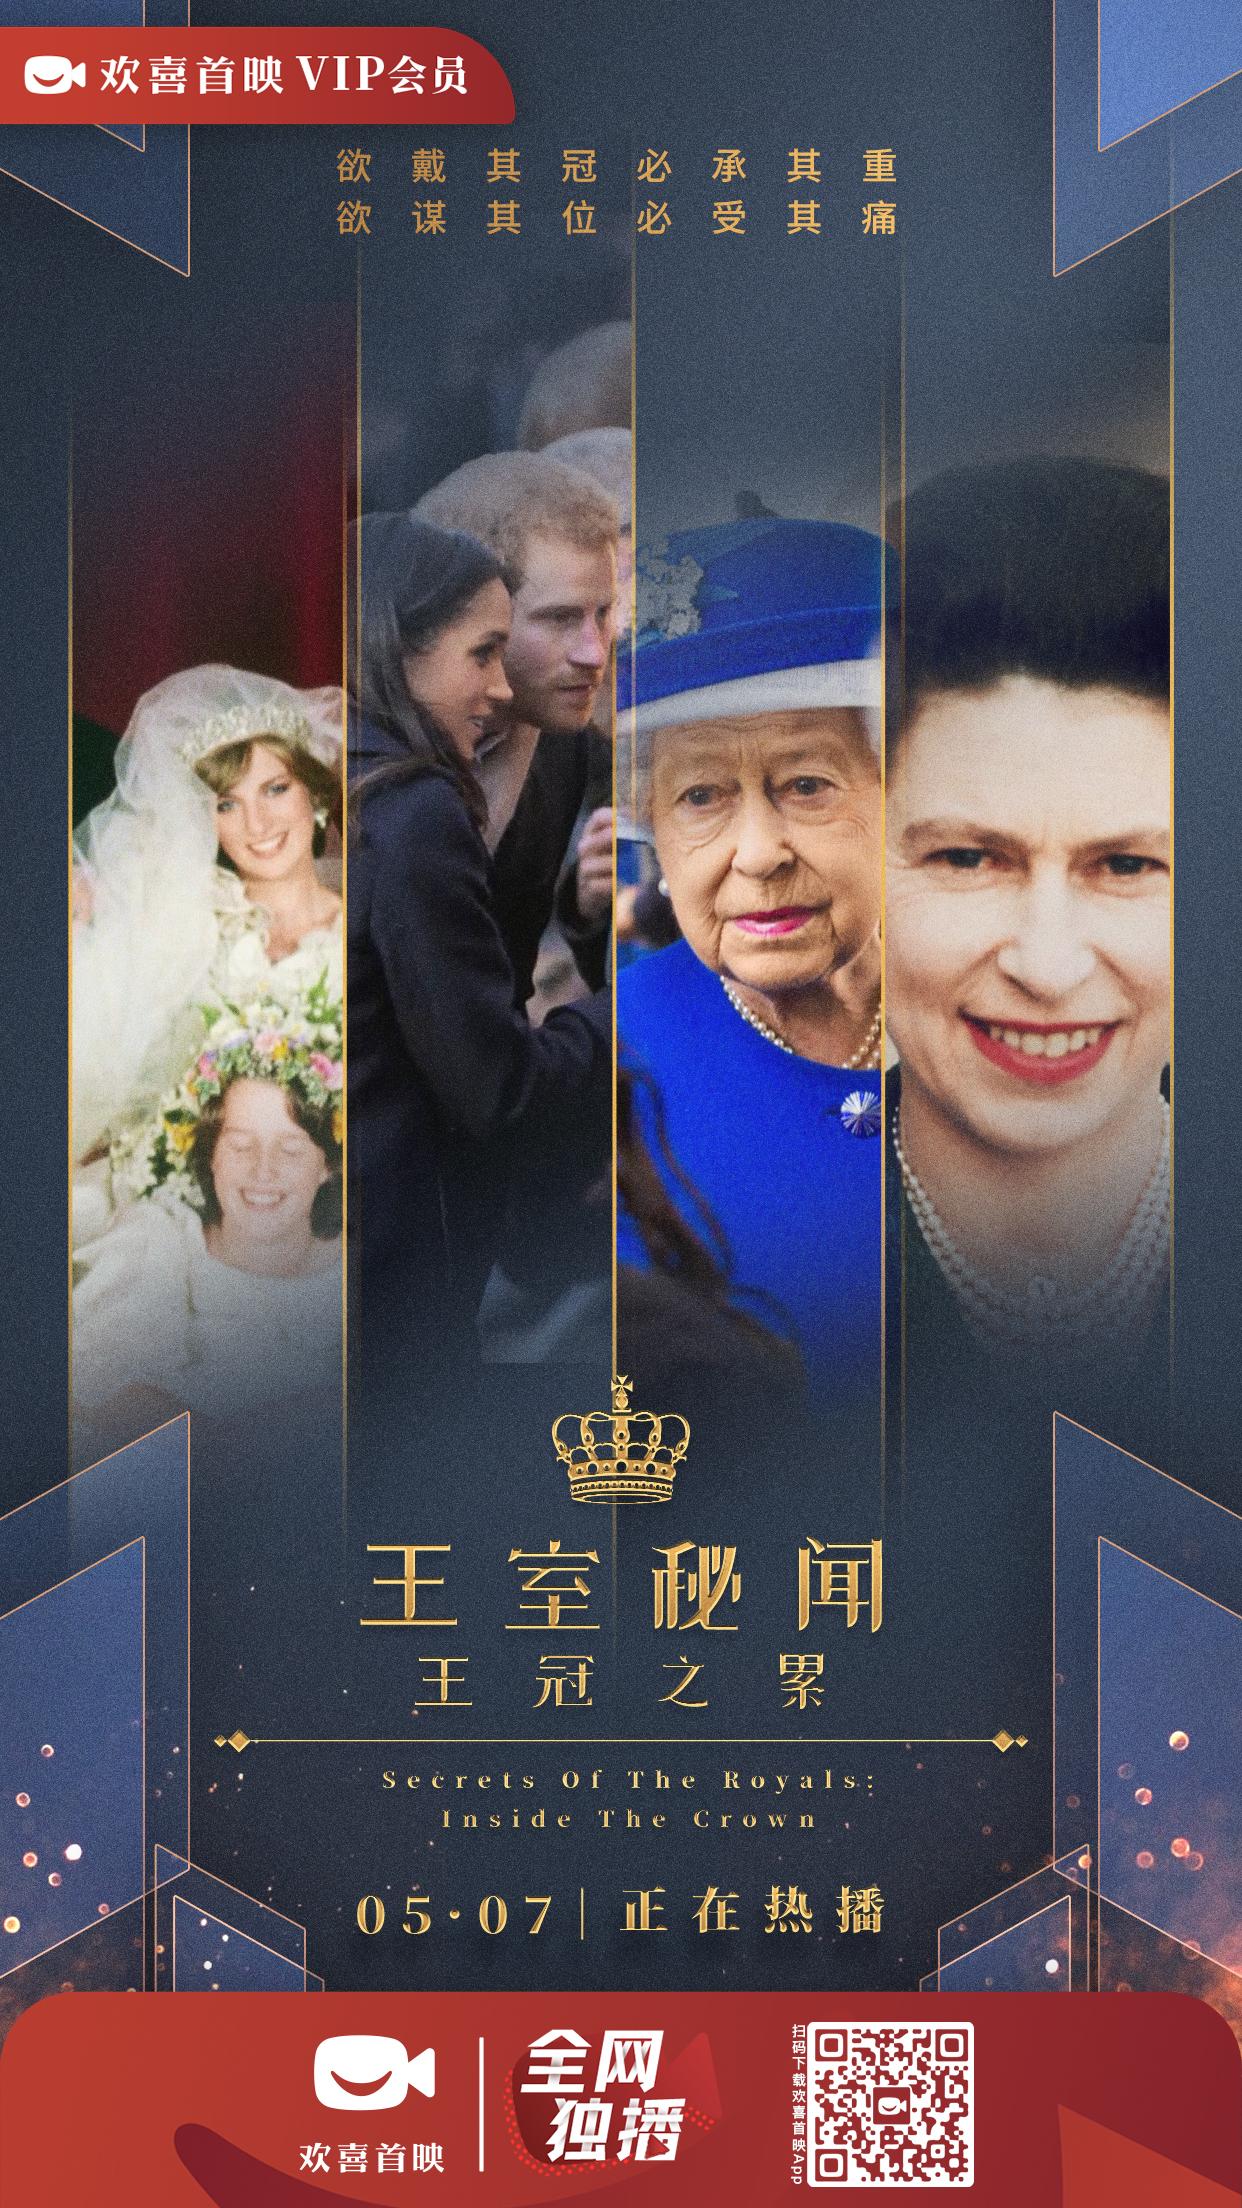 揭秘英国王室珍贵史料,纪录片《王室》系列上线欢喜首映APP独家热播